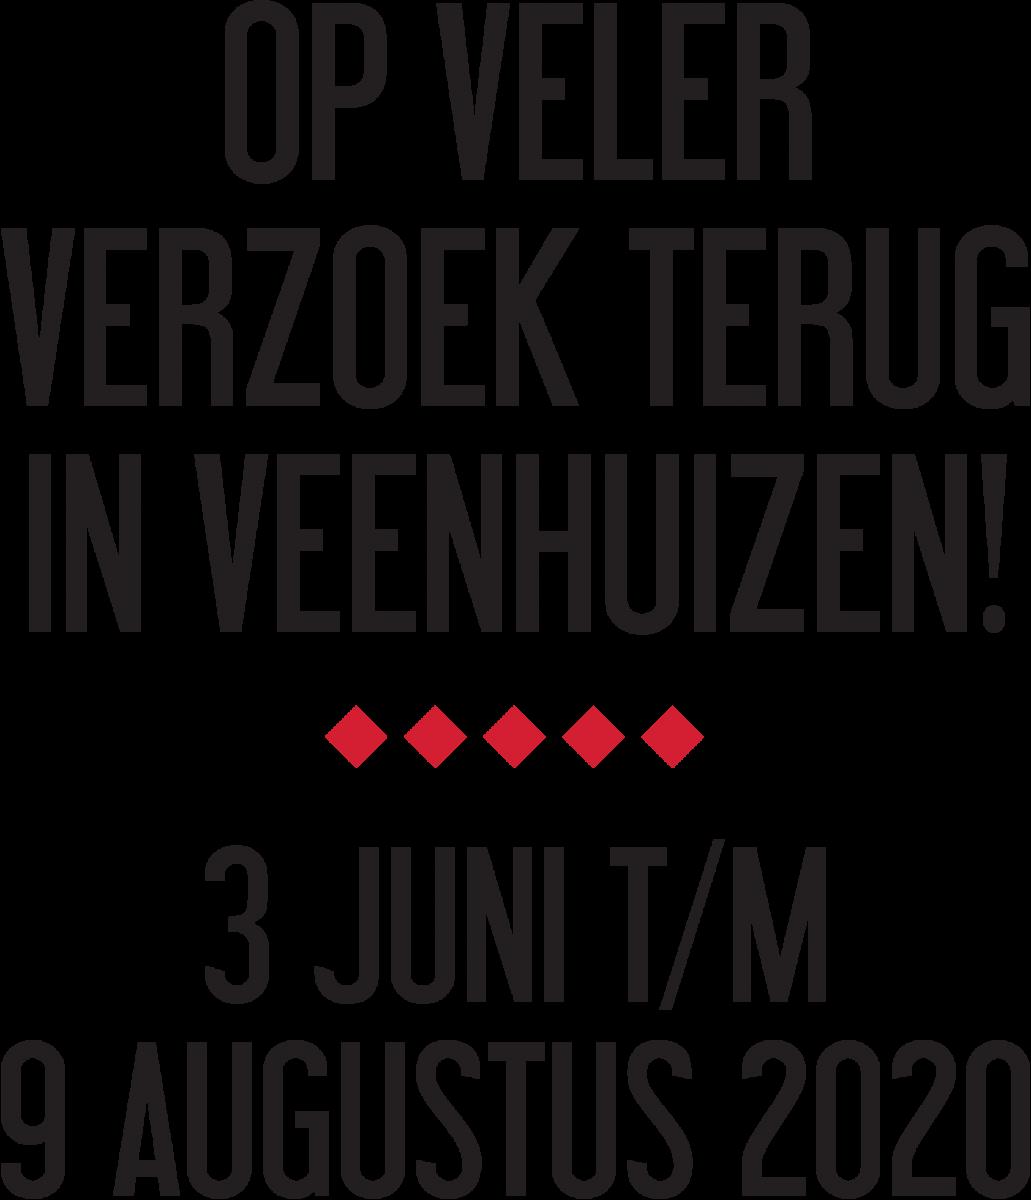 Op veler verzoek terug in Veenhuizen